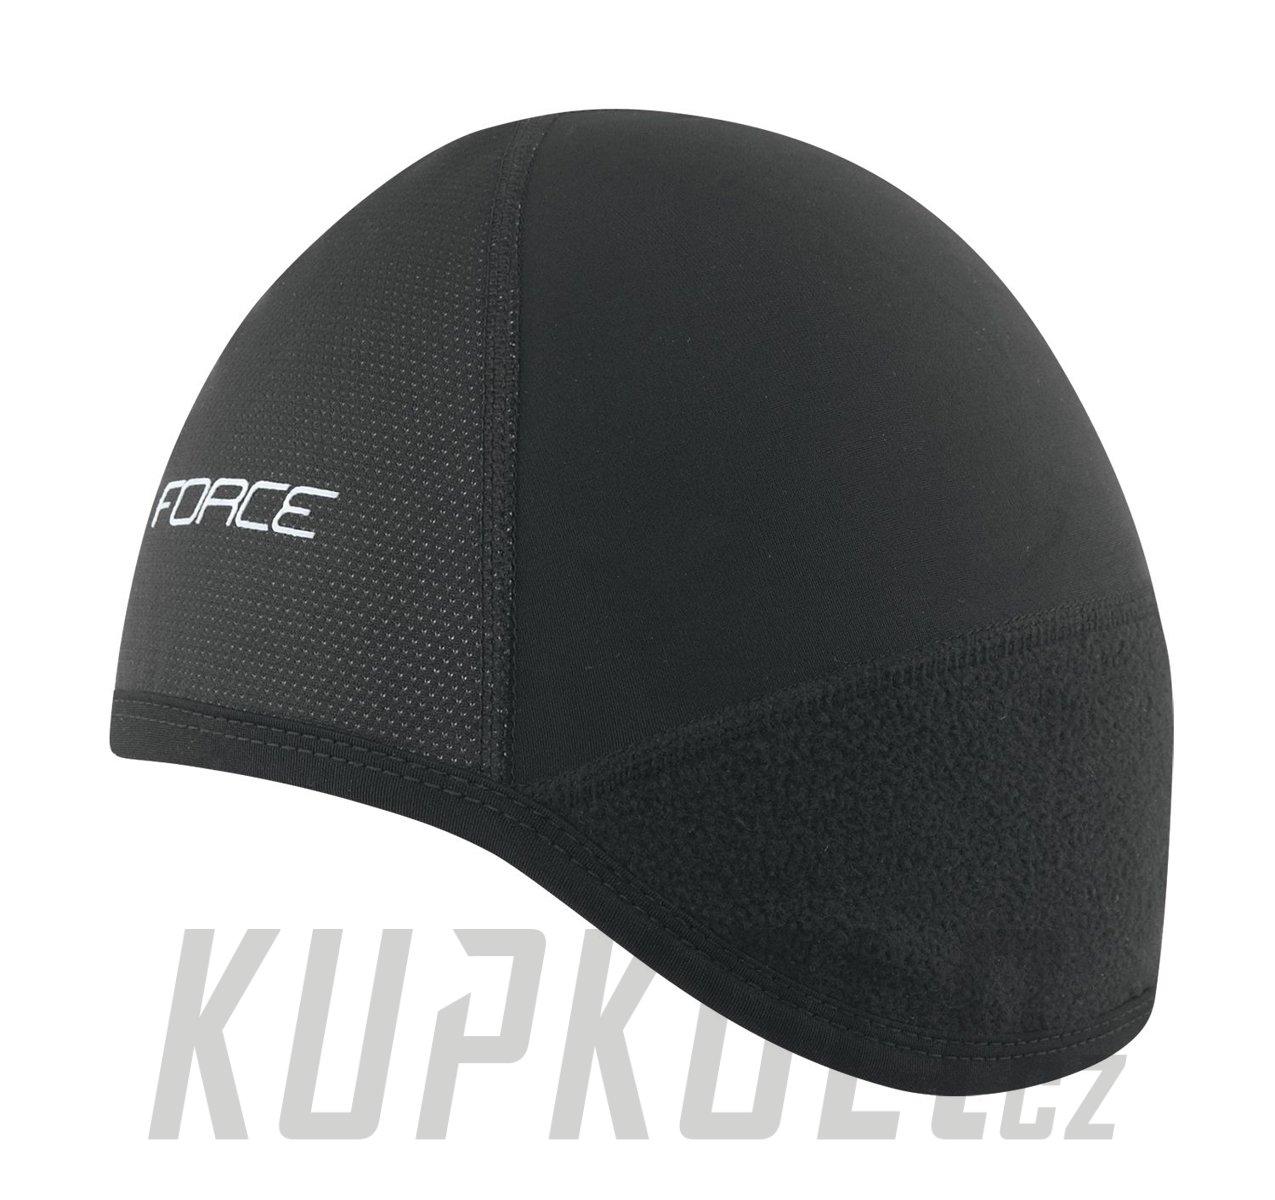 Zimní čepice pod přilbu FORCE - kupkolo.cz 5d5a412d3f